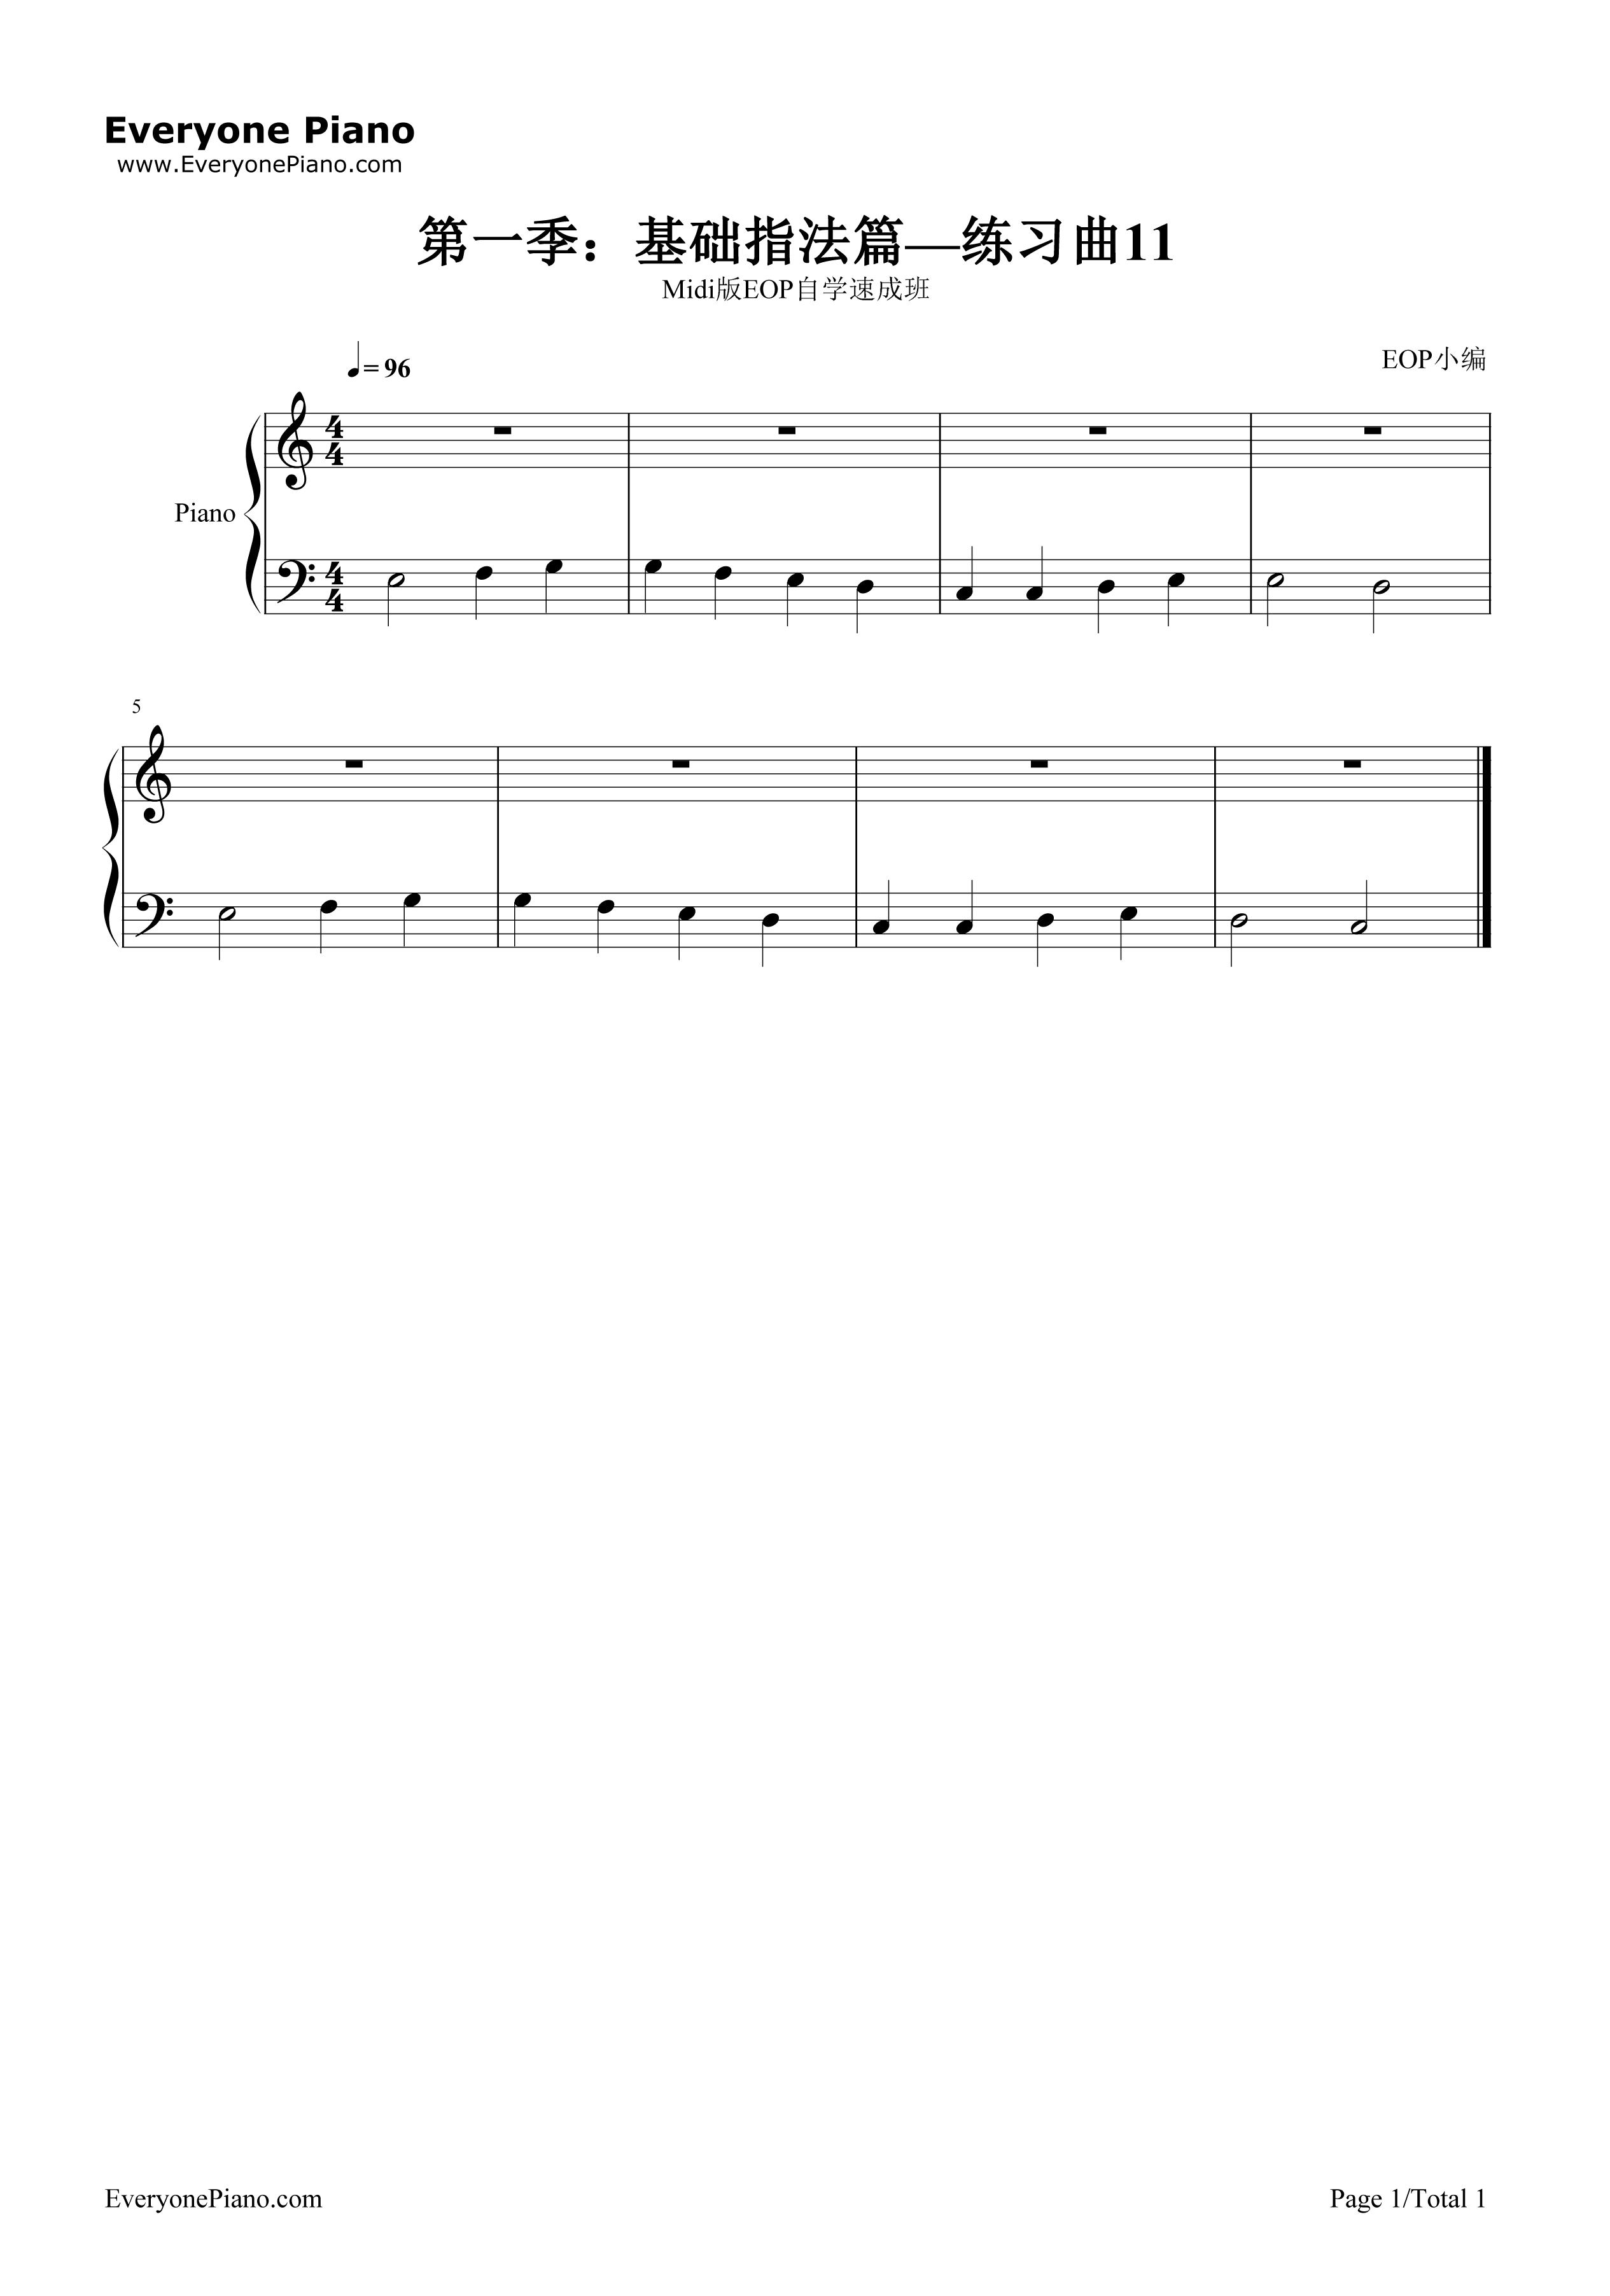 钢琴曲谱 练习曲 练习曲11-midi版eop自学速成班第一季:基础指法篇